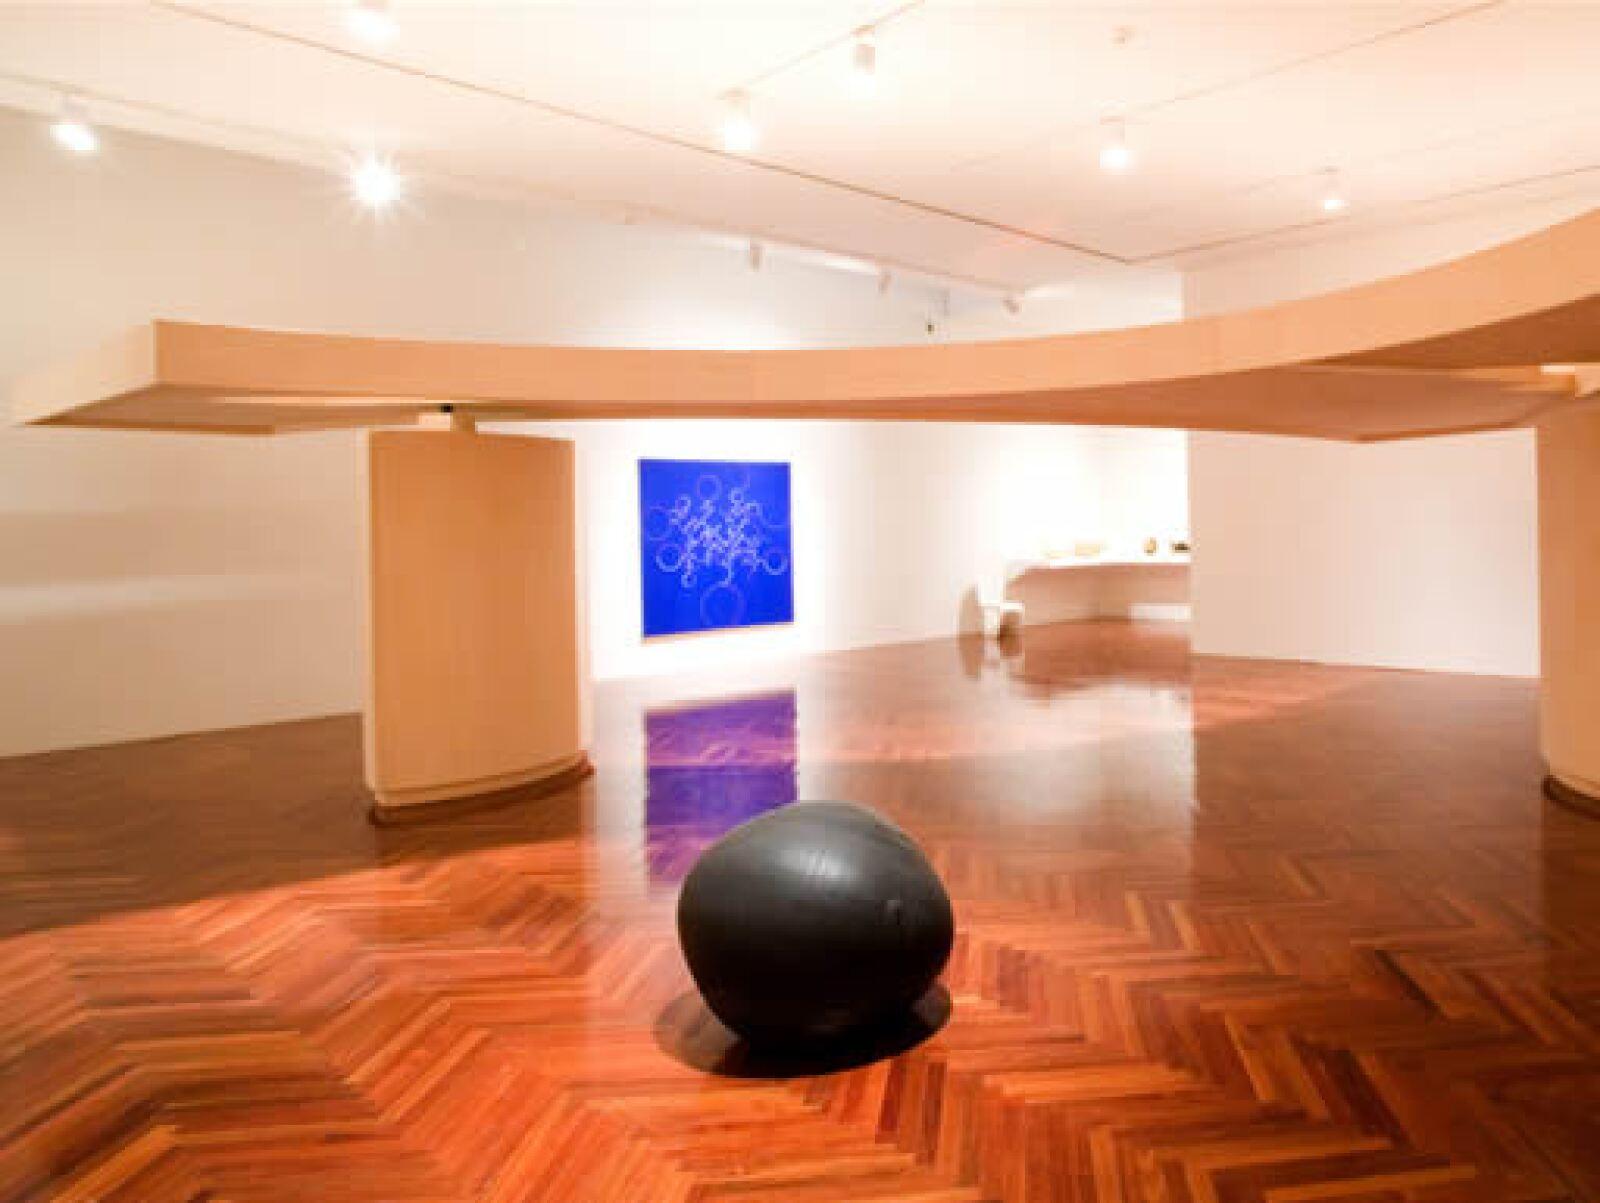 En la muestra que Patrick Charpenel curó en Bellas Artes en 2006 hubo obra de Gabriel Orozco proveniente de museos y coleccionistas de México, EU, Brasil, Puerto Rico, España, Francia, Suiza, Inglaterra, Bélgica e Italia.